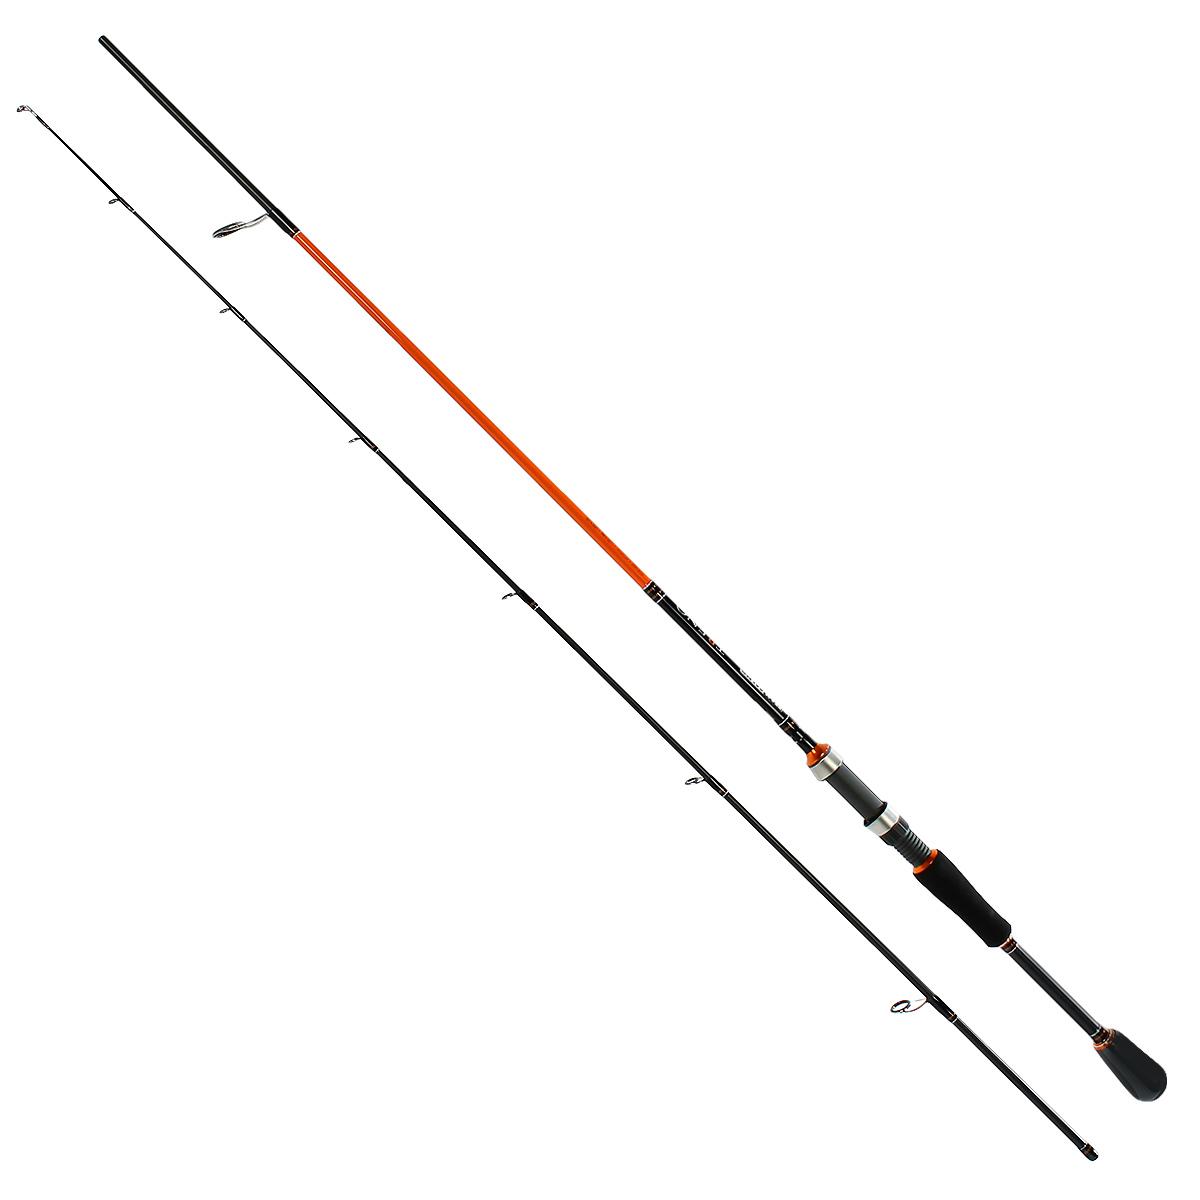 Удилище спиннинговое Team Salmo TRENO, 2,07 м, 8-28 гTSTR3-682EFСерия спиннингов TRENO разработана специально для ловли хищной рыбы твичингом и на джиг-приманки. Бланки этой серии изготовлены из усовершенствованного высокомодульного графита 40T, обеспечивающего максимальную прочность, а также высокую чувствительность по всему заявленному тестовому диапазону. Строй бланков быстрый и экстра быстрый. Бланк в основании достаточно толстый, что дает преимущества не только при вываживании крупной рыбы, но и при рывковой проводке воблеров. Несмотря на относительно небольшую длину, спиннинги TRENO обладают отличными бросковыми характеристиками. Спиннинги укомплектованы пропускными кольцами Fuji K-guide со вставками SIC. Наклоненные колечки на вершинке - раннинги и противозахлестный тюльпан, не позволят запутаться за них в сильный ветер даже мягкому PE шнуру. В элегантной и практичной разнесенной рукоятке, из прочного материала EVA, установлен катушкодержатель VSS от Fuji с задней гайкой крепления. Материал ручек жесткий и приятный на ощупь.